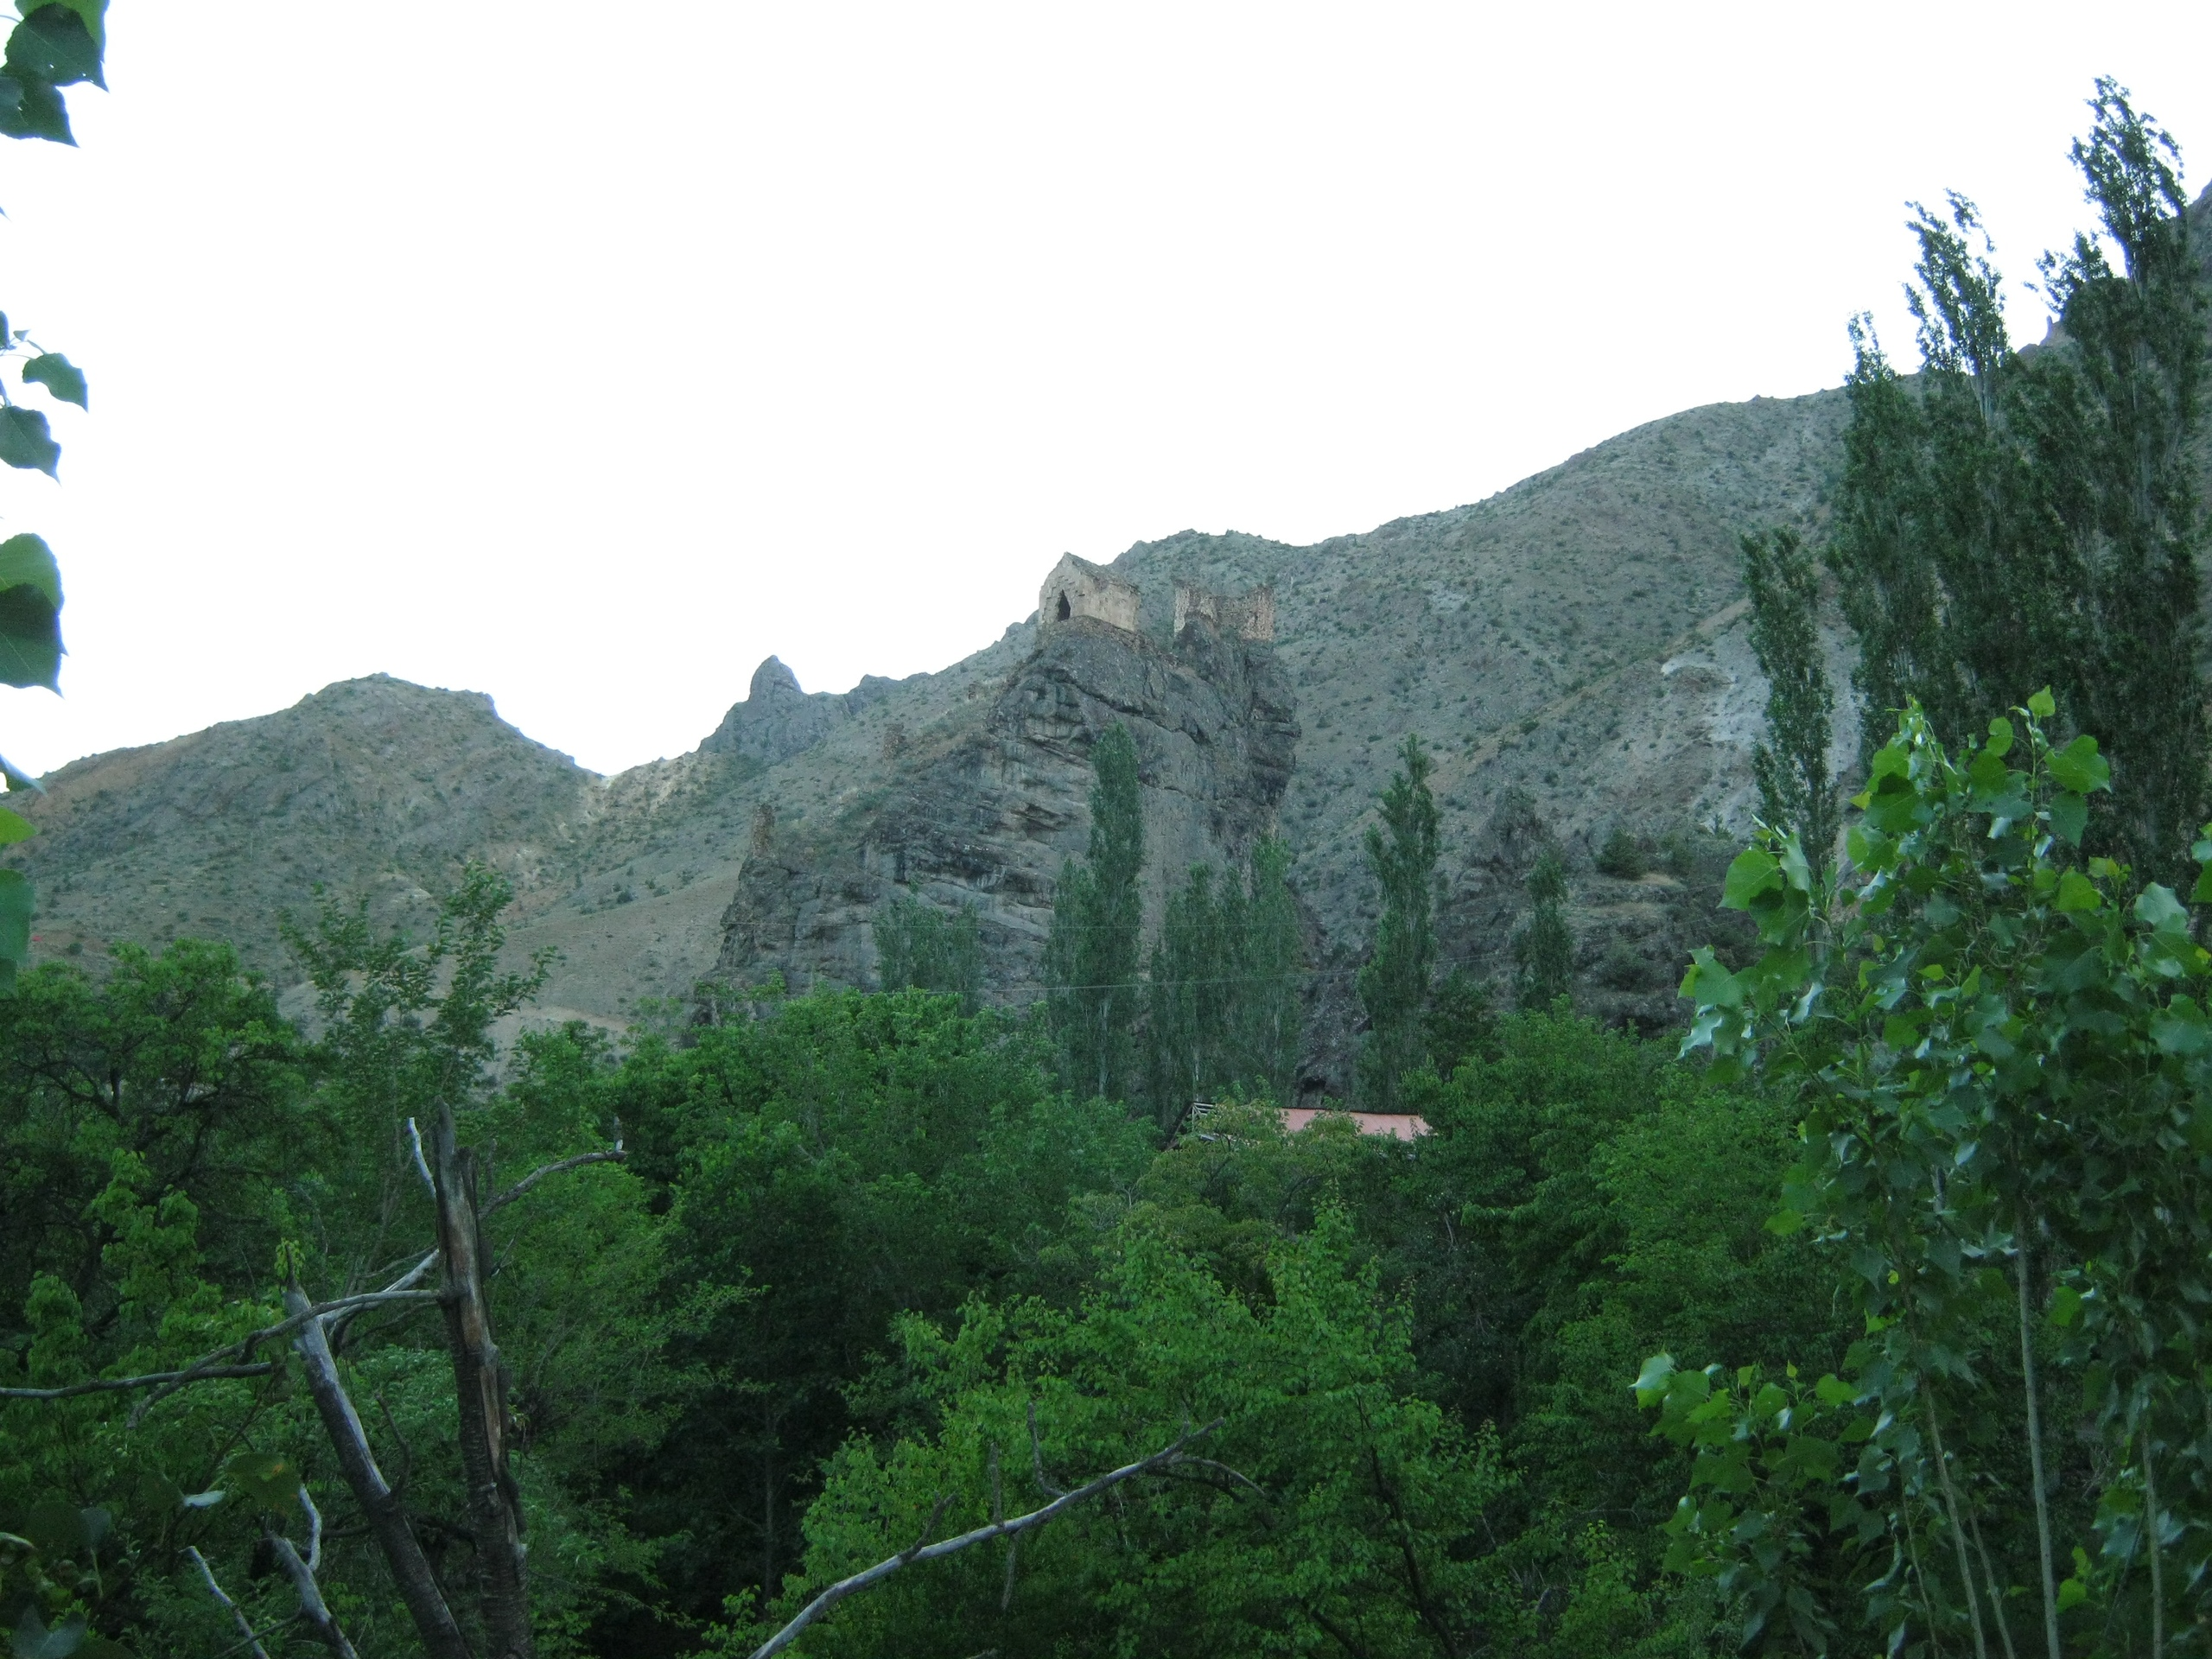 крепость на скале Теккале близ Юсуфели